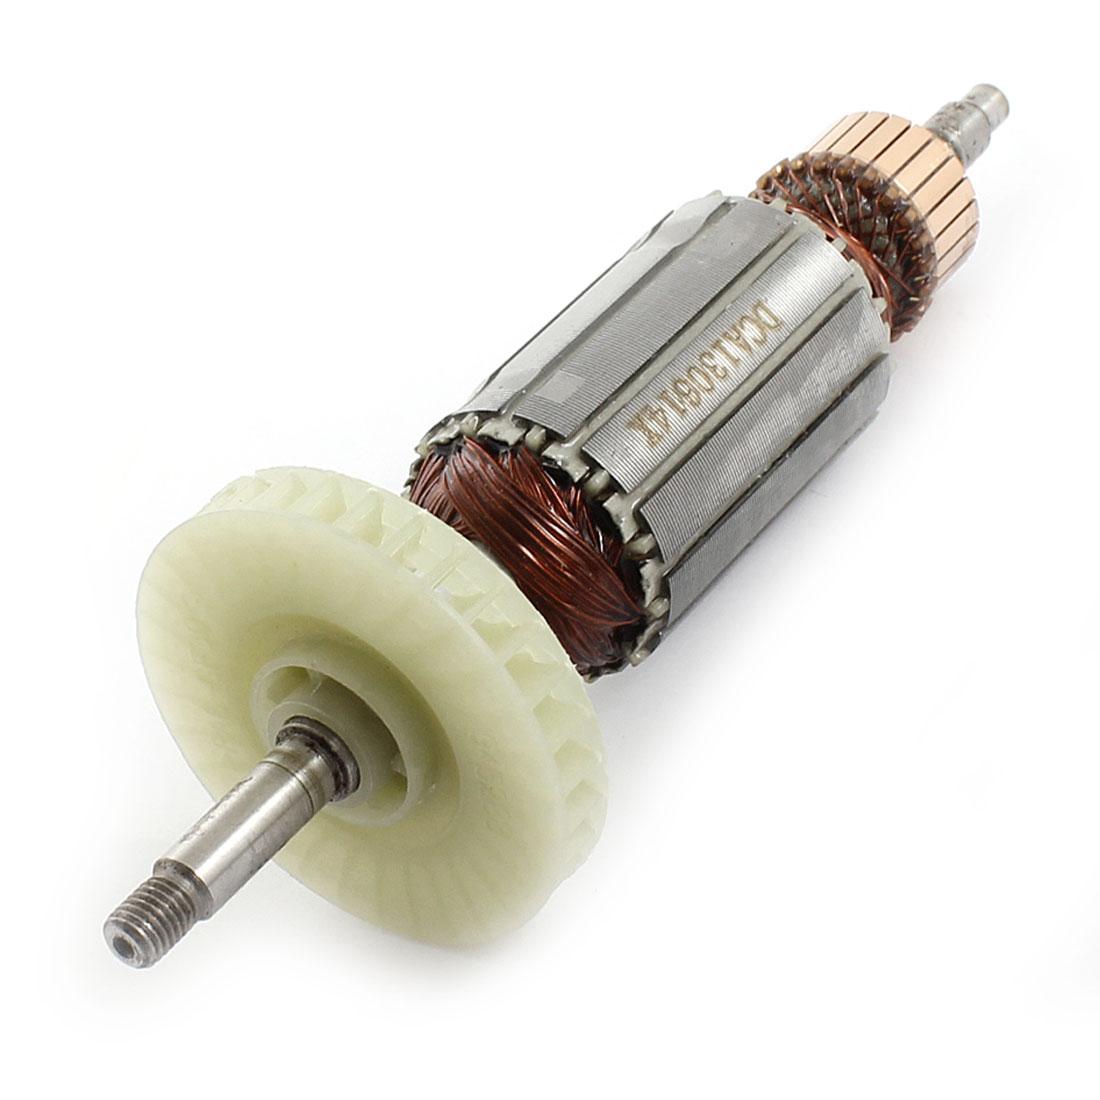 AC220V 8mm Shaft Motor Rotor Armature Replacement for Dewalt 100 Angle Grinder